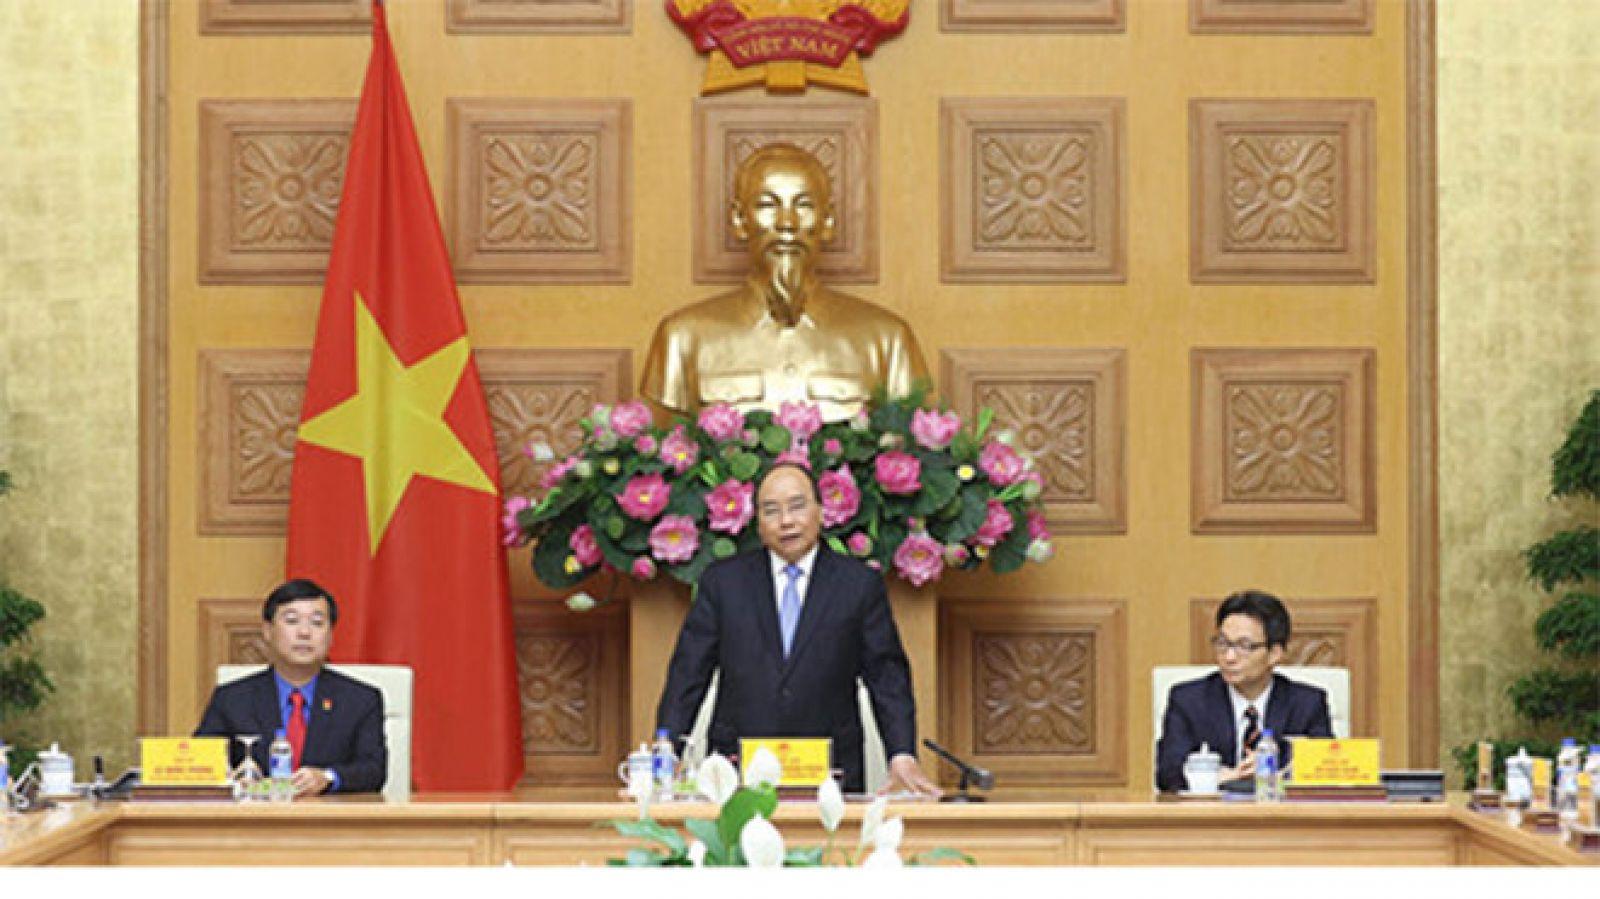 Thủ tướng Nguyễn Xuân Phúc đánh giá trong năm qua, T.Ư Đoàn làm rất nhiều việc nổi trội; Ảnh Ngọc Thắng